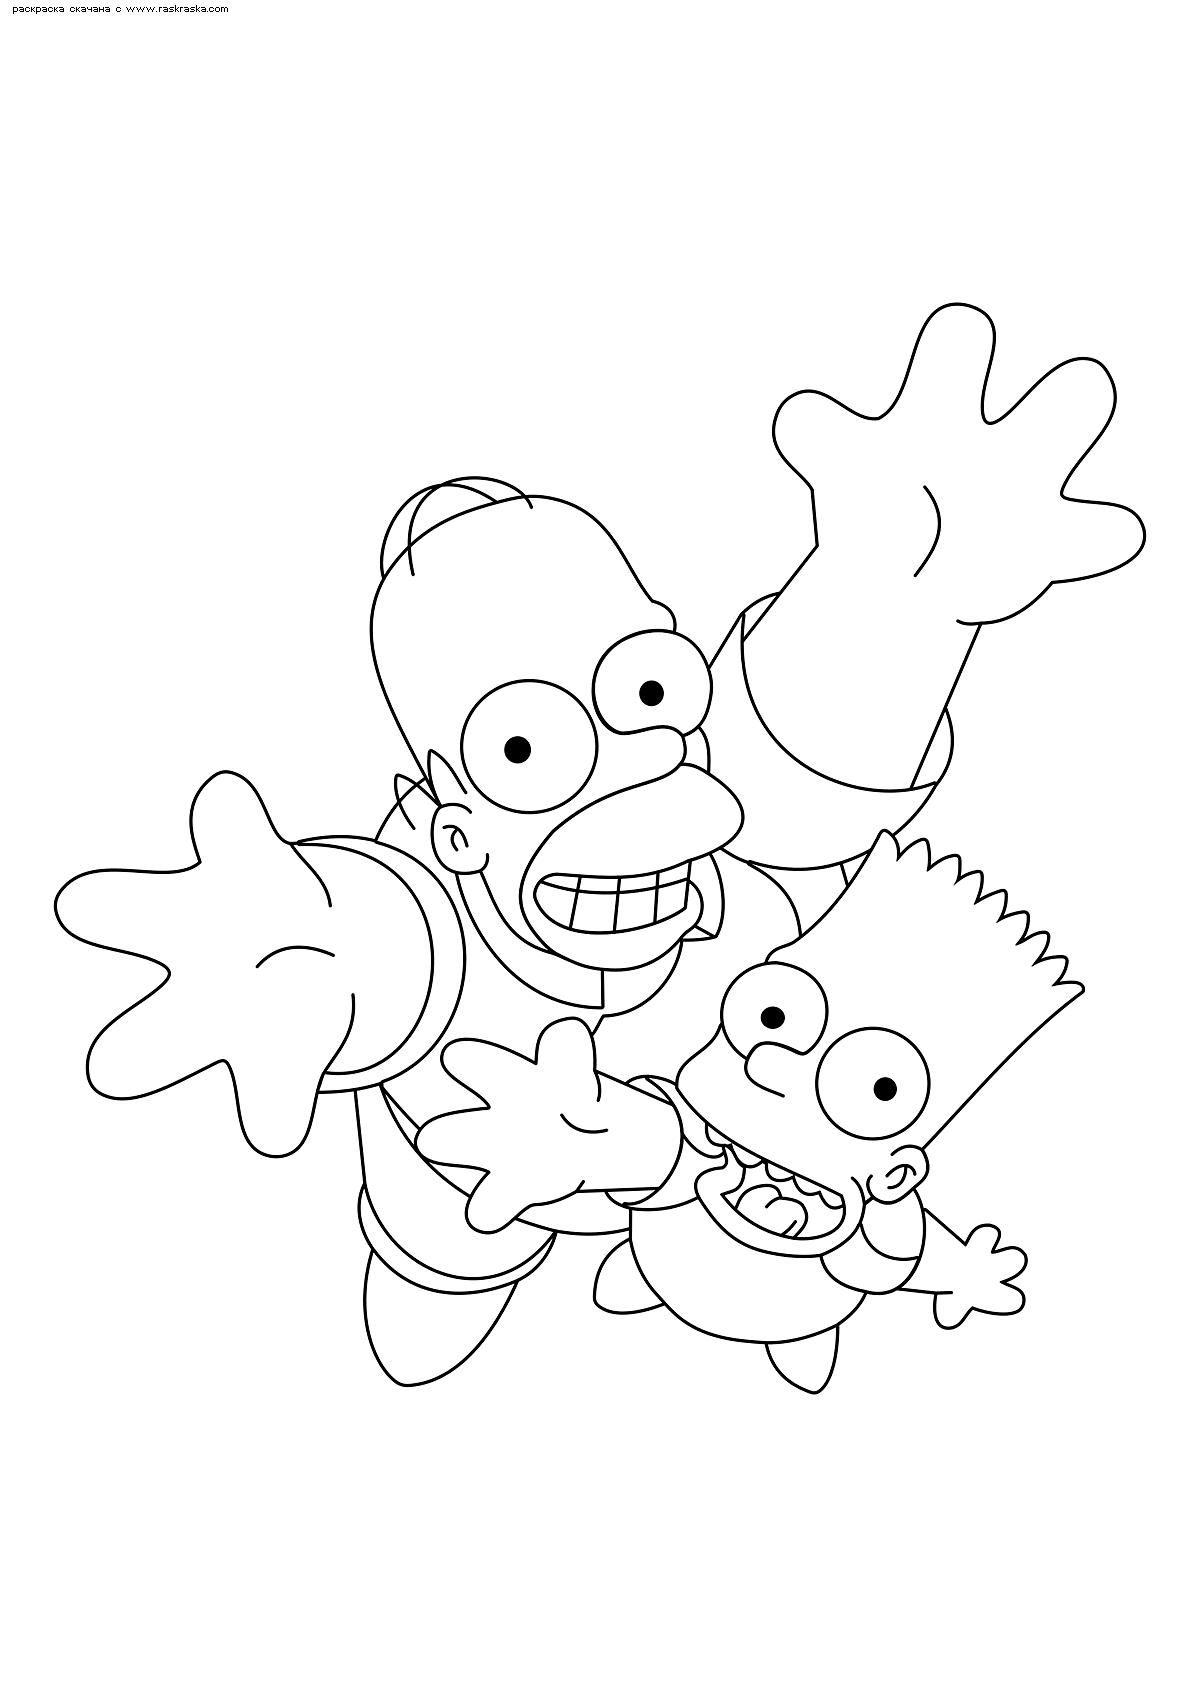 Раскраска Гомер и Барт. Раскраска Симпсоны